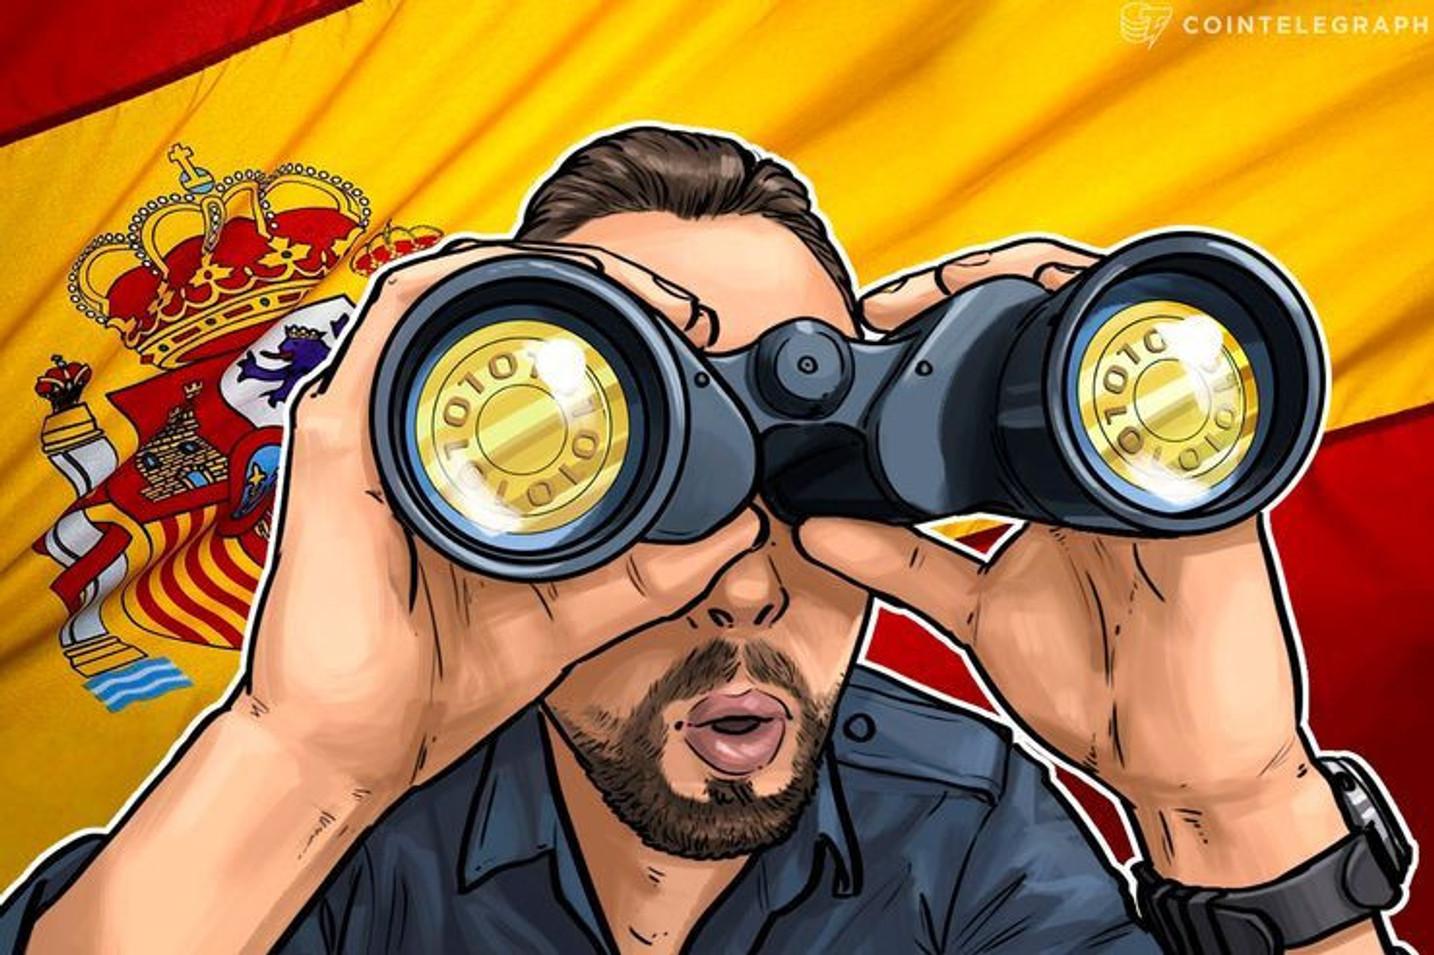 ¡Jolín! ¿Y ahora que está pasando en España?